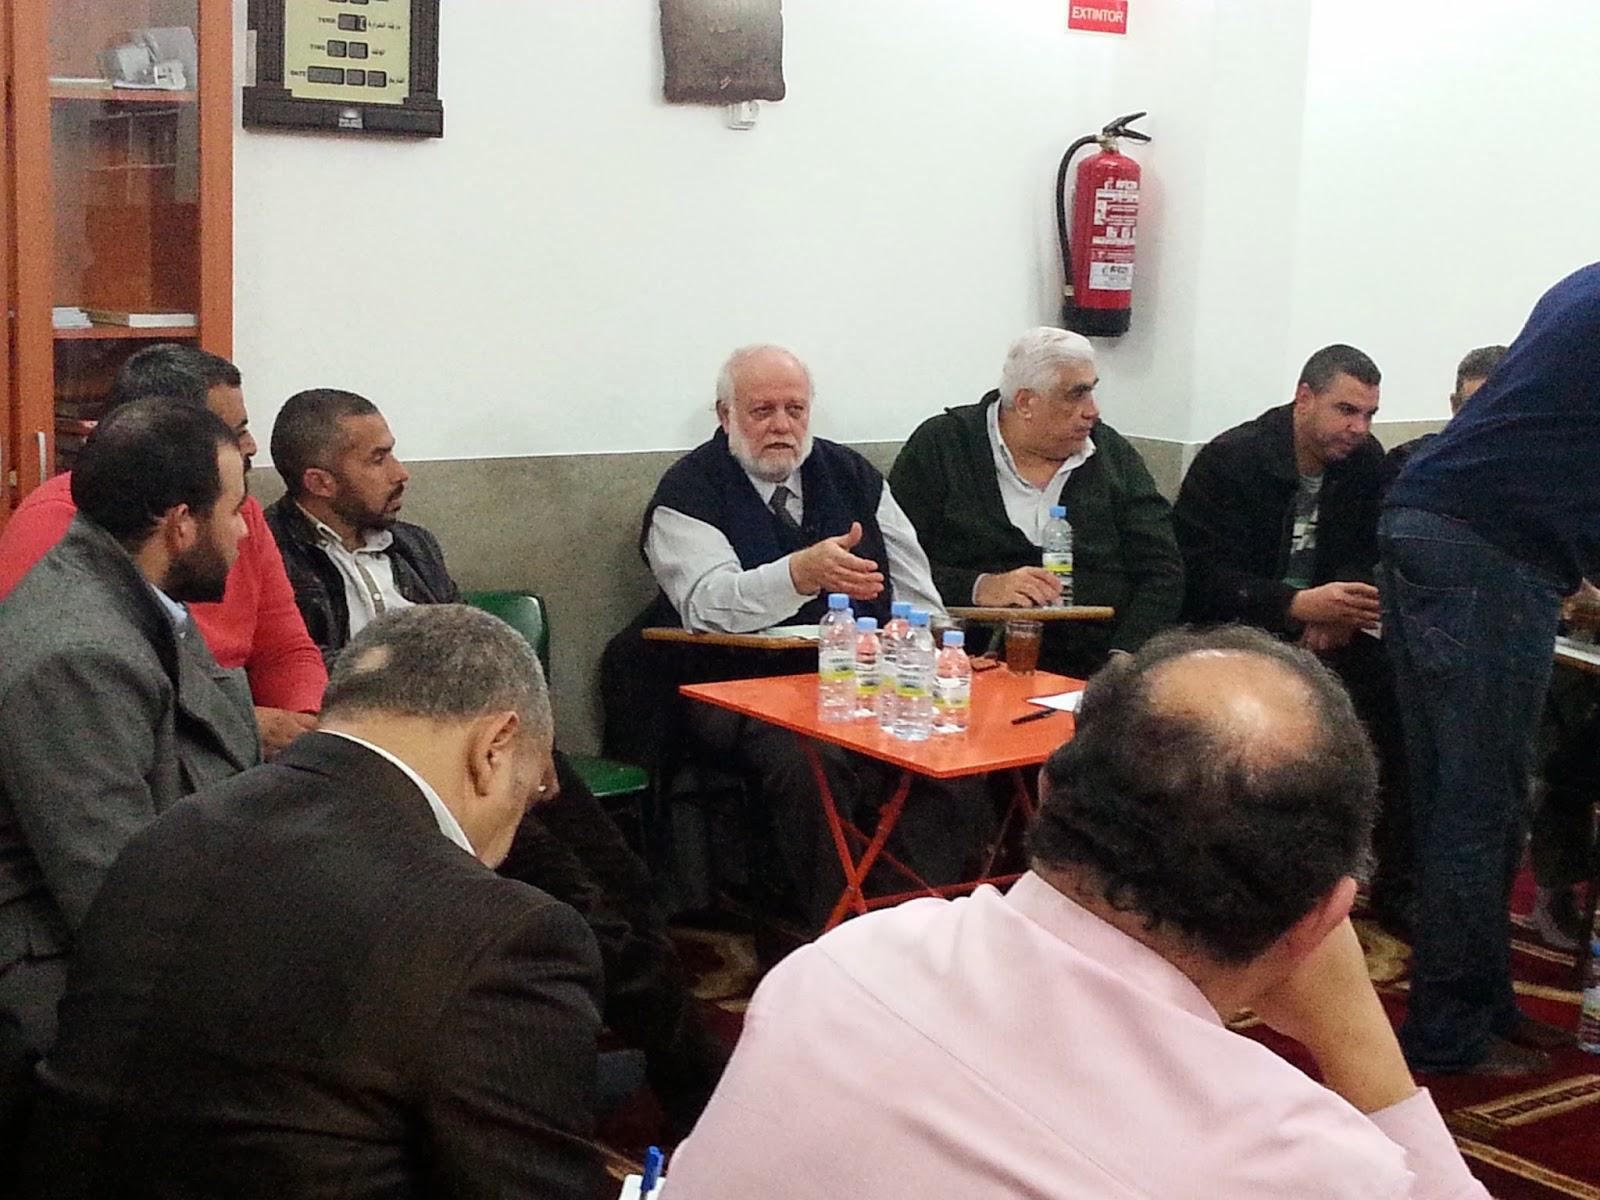 الإجتماع السنوي لإتحاد الجمعيات الإسلامية في قاليثيا